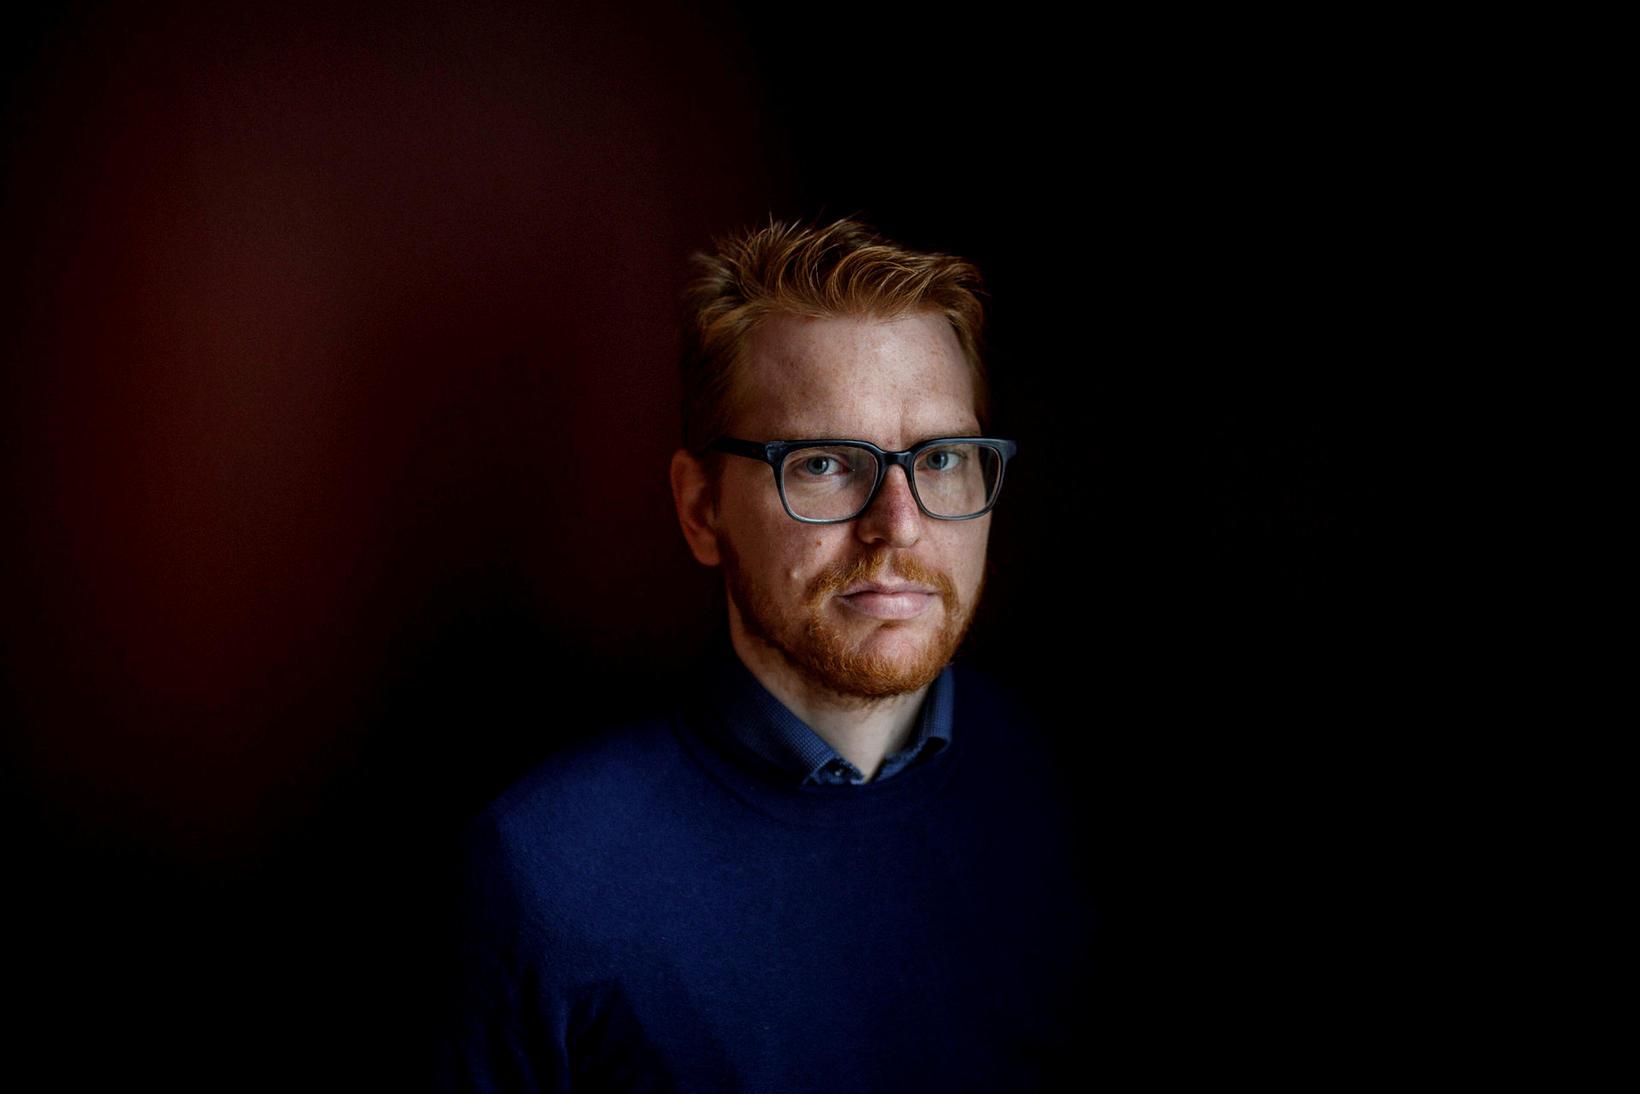 Magnús Sigurðsson